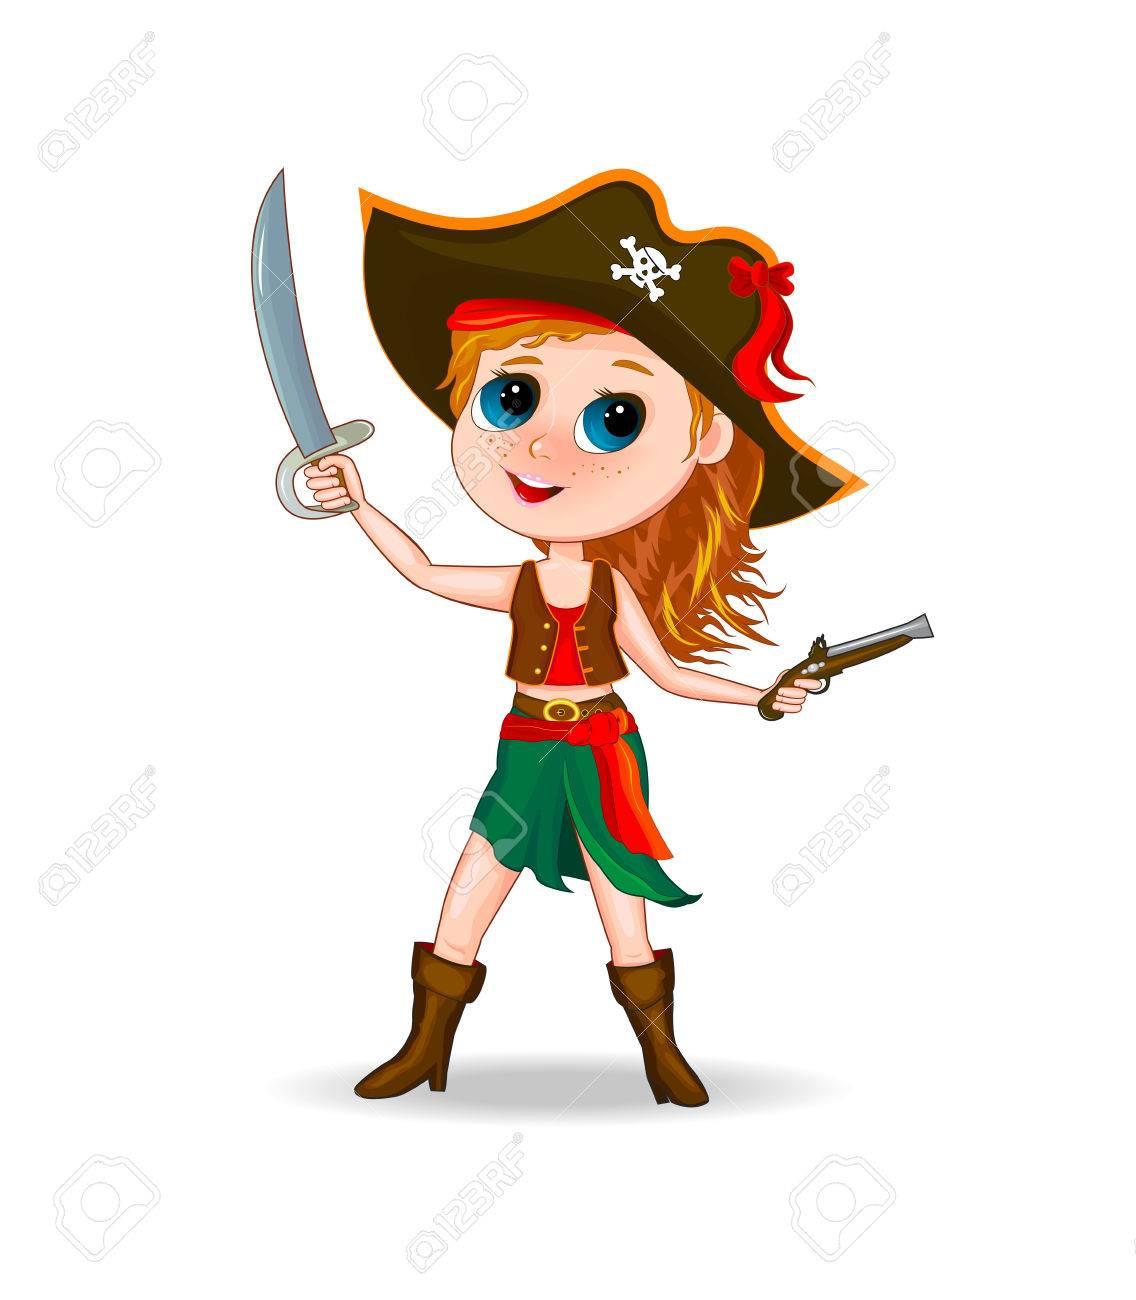 Petite Fille Dans Un Costume De Pirate Fille De Dessin Animé Vêtu D Un Costume De Pirate Avec Un Chapeau Sur La Tête Et L épée à La Main